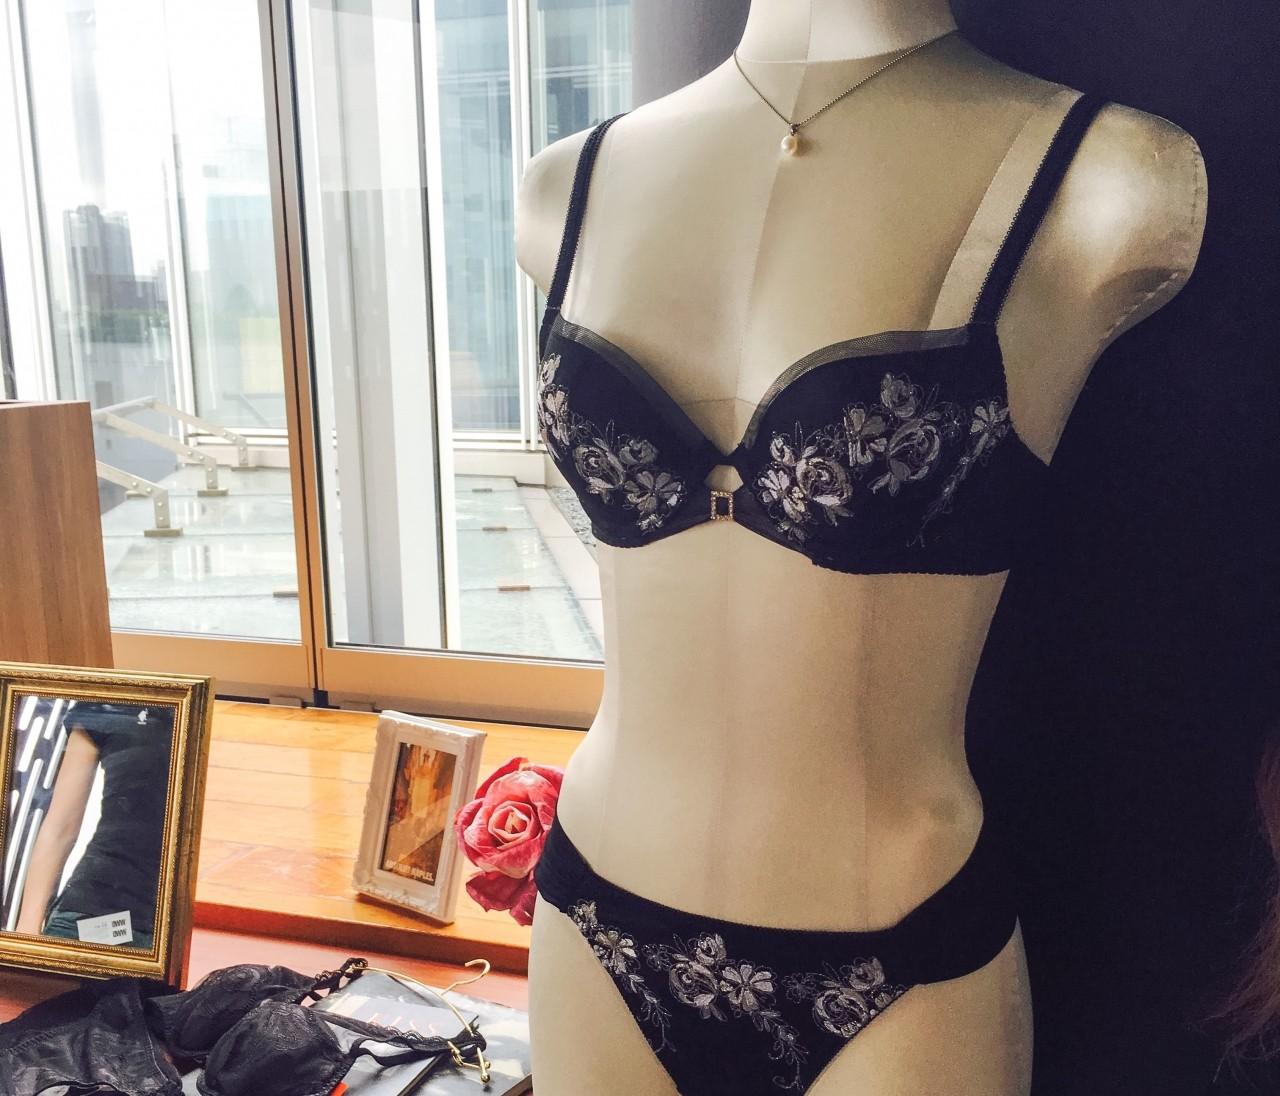 ランジェリーデビューならトリンプ「Dress」シリーズが良い!